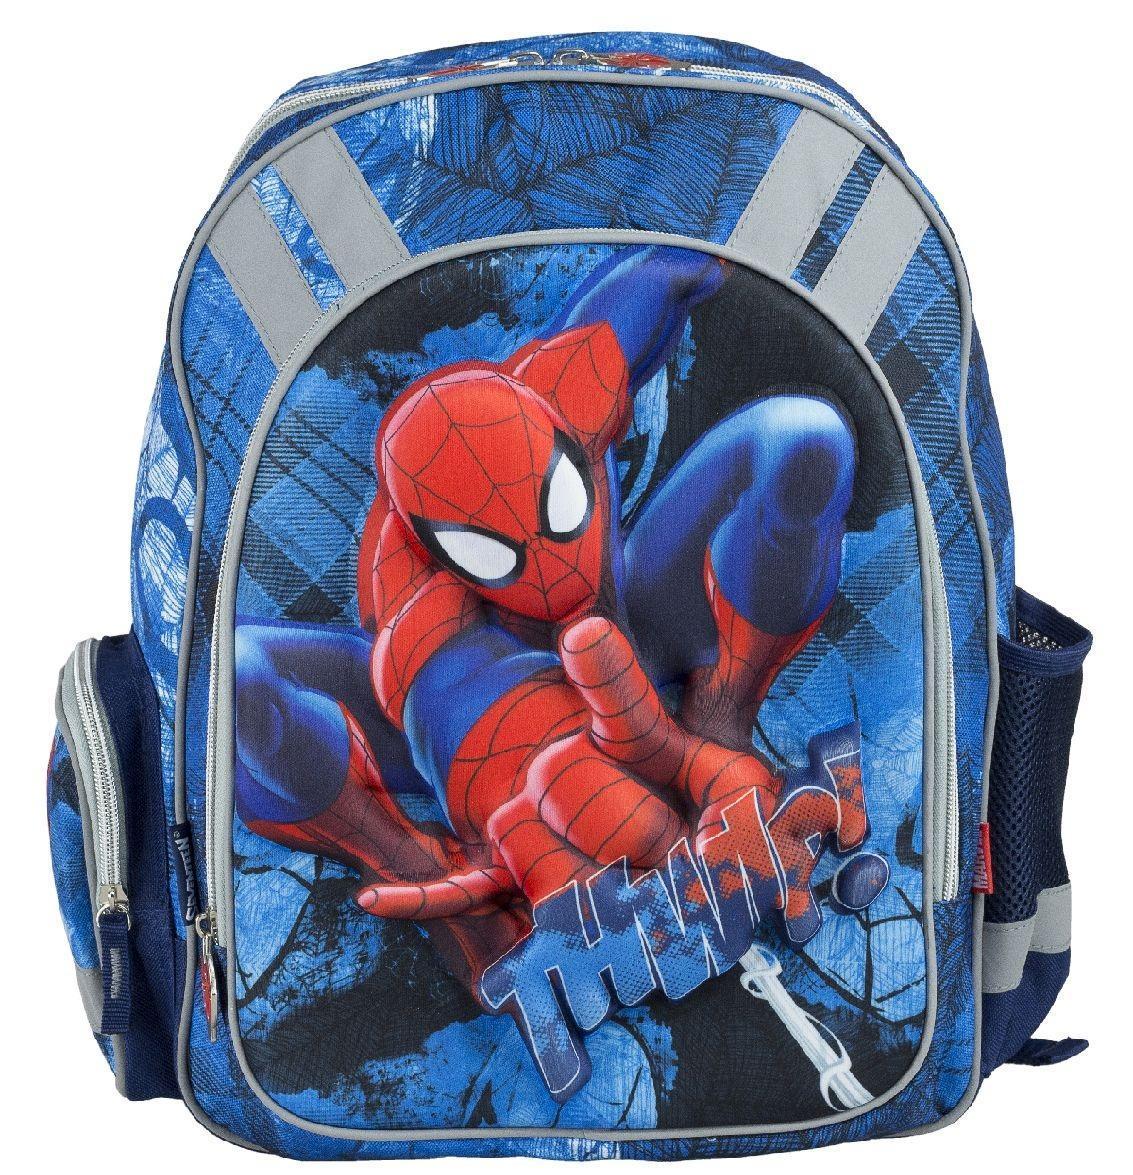 Рюкзак школьный Spider-Man, цвет: темно-синий, голубой. SMCB-RT2-836E72523WDРюкзак школьный Spider-Man обязательно понравится вашему школьнику. Выполнен из прочных и высококачественных материалов, дополнен объемным и реалистичным изображением Человека-паука.Содержит одно вместительное отделение, закрывающееся на застежку-молнию с двумя бегунками. Бегунки застежки оформлены металлическими держателями в виде паука. Внутри отделения находятся две перегородки для тетрадей или учебников, а также открытый карман-сетка. Дно рюкзака можно сделать жестким, разложив специальную панель с пластиковой вставкой, что повышает сохранность содержимого рюкзака и способствует правильному распределению нагрузки. Лицевая сторона оснащена накладным карманом на молнии. По бокам расположены два накладных кармана: на застежке-молнии и открытый, стянутый сверху резинкой. Специально разработанная архитектура спинки со стабилизирующими набивными элементами повторяет естественный изгиб позвоночника. Набивные элементы обеспечивают вентиляцию спины ребенка. Плечевые лямки анатомической формы равномерно распределяют нагрузку на плечевую и воротниковую зоны. Конструкция пряжки лямок позволяет отрегулировать рюкзак по фигуре. Рюкзак оснащен эргономичной ручкой для удобной переноски в руке. Светоотражающие элементы обеспечивают безопасность в темное время суток.Многофункциональный школьный рюкзак станет незаменимым спутником вашего ребенка в походах за знаниями.Вес рюкзака без наполнения: 700 г.Рекомендуемый возраст: от 7 лет.